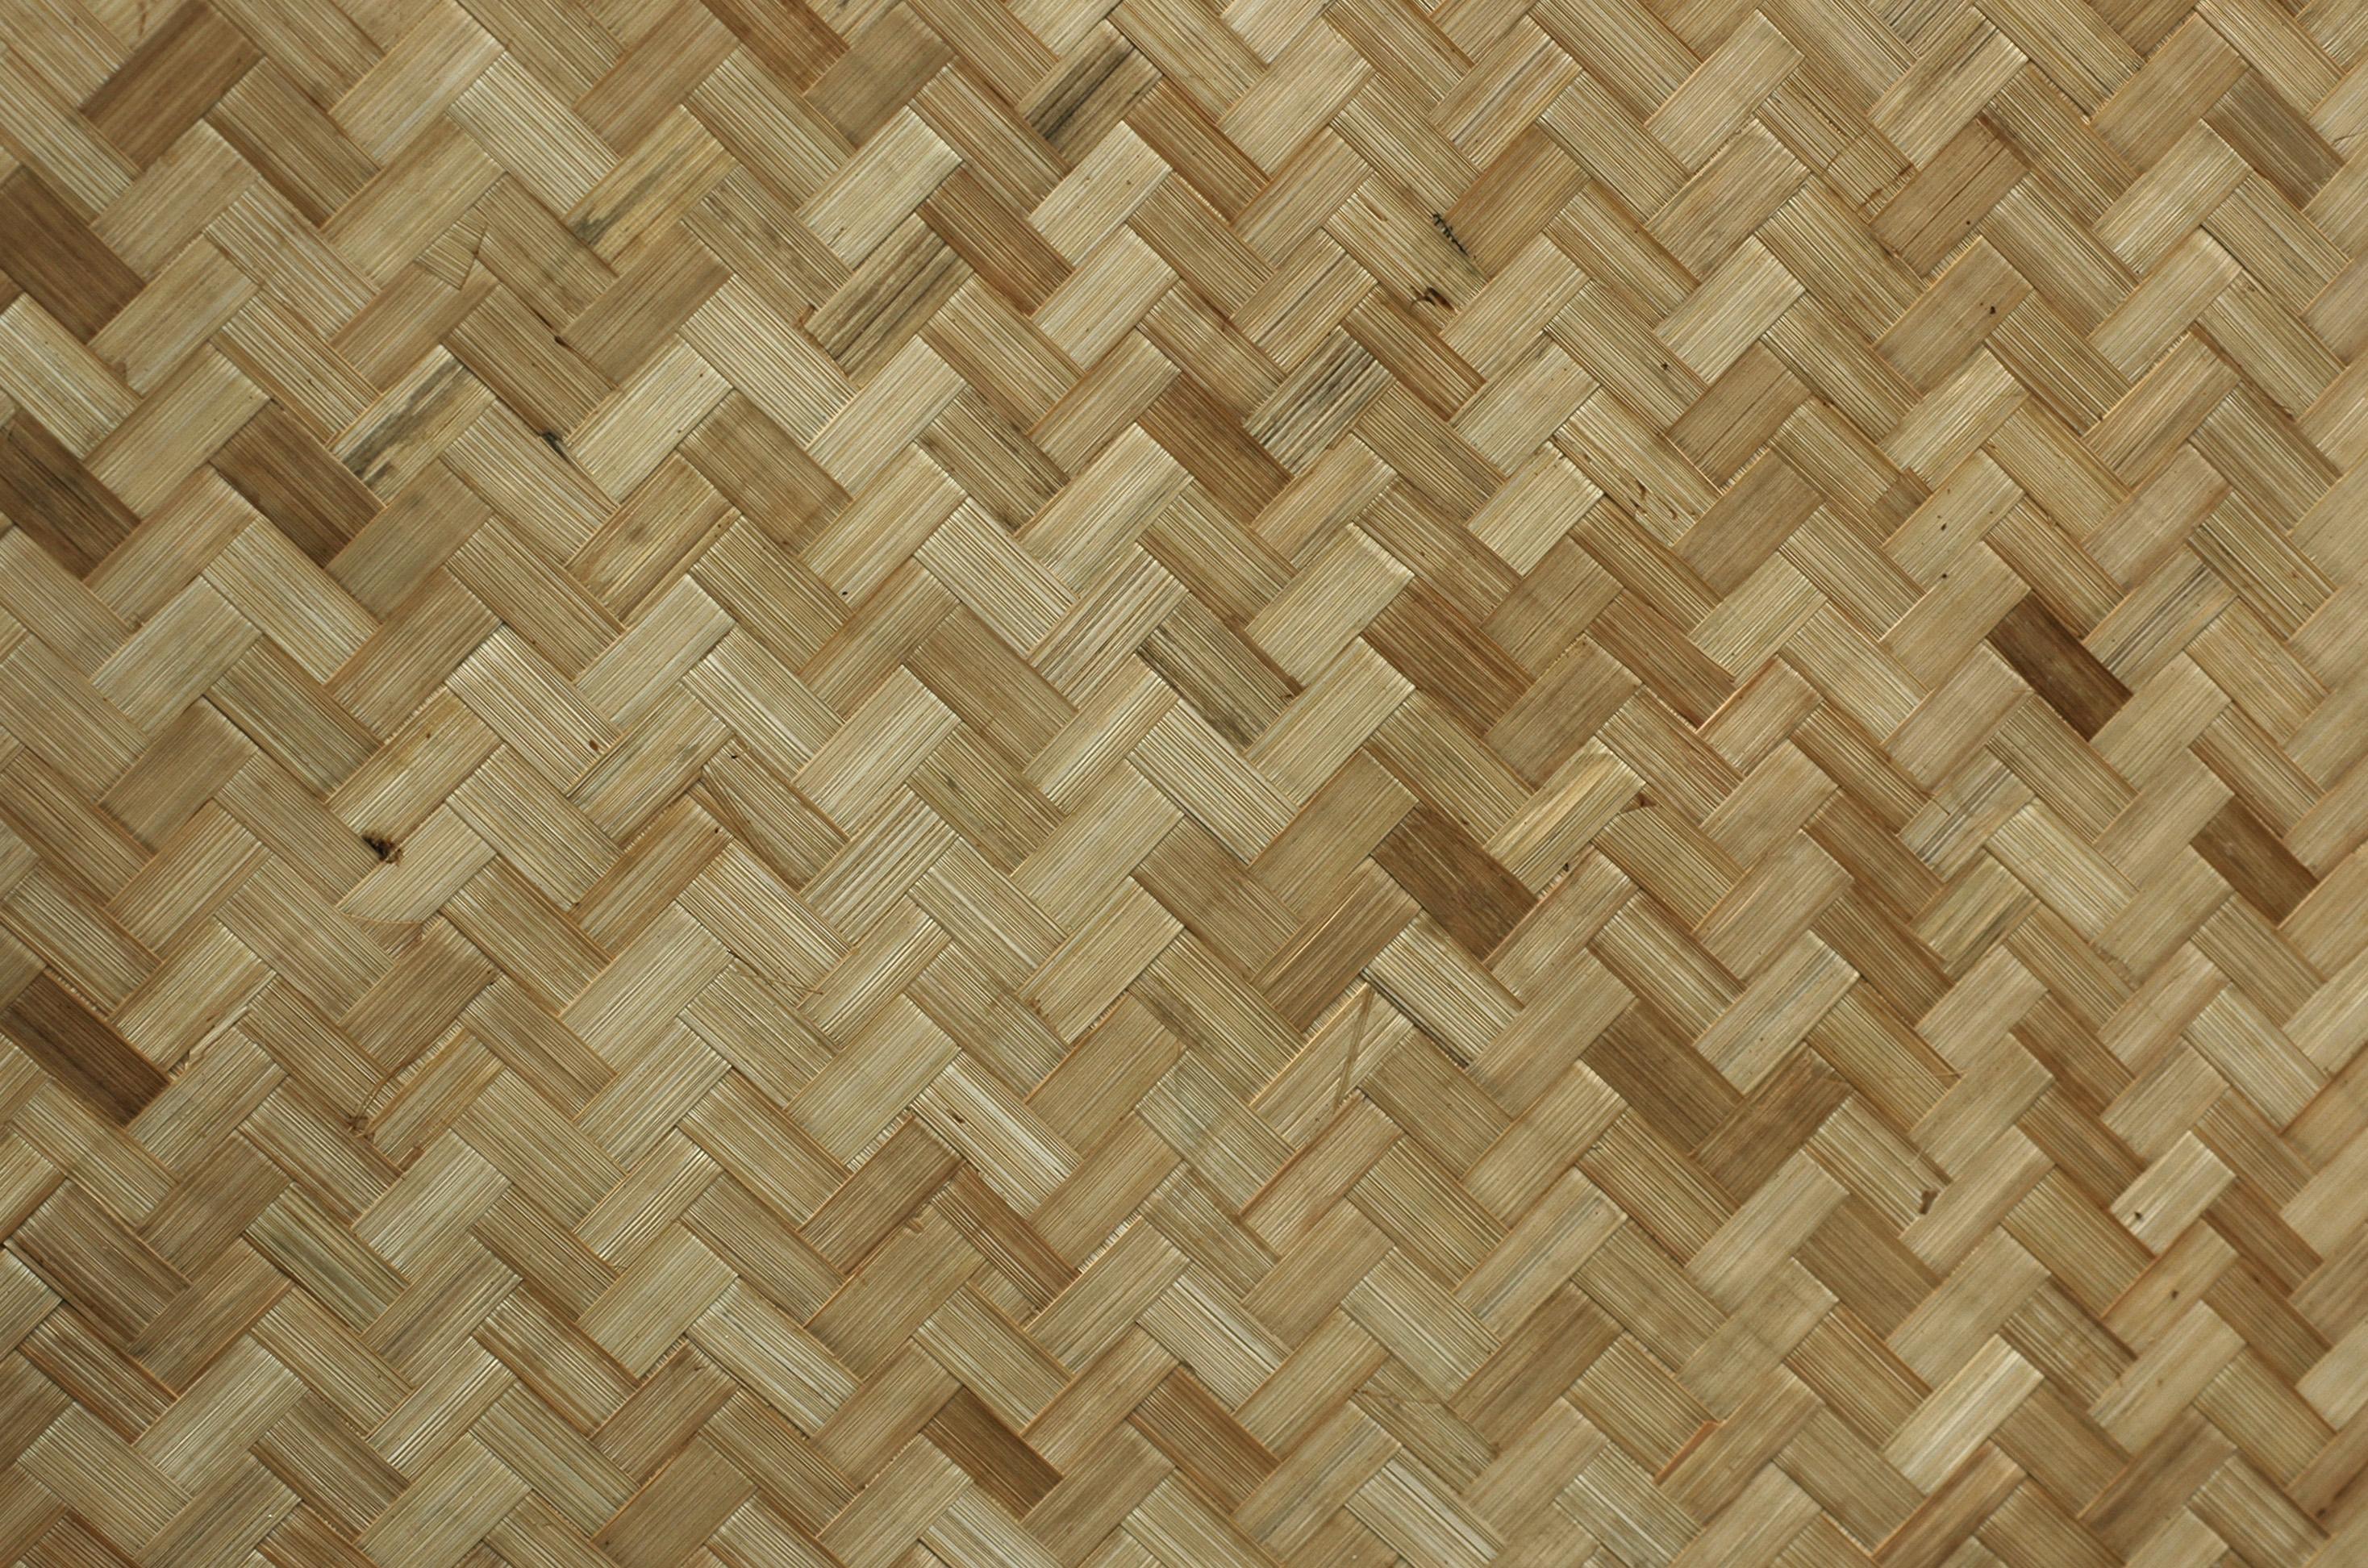 木材-编制品(17)高清贴图【ID:736846280】